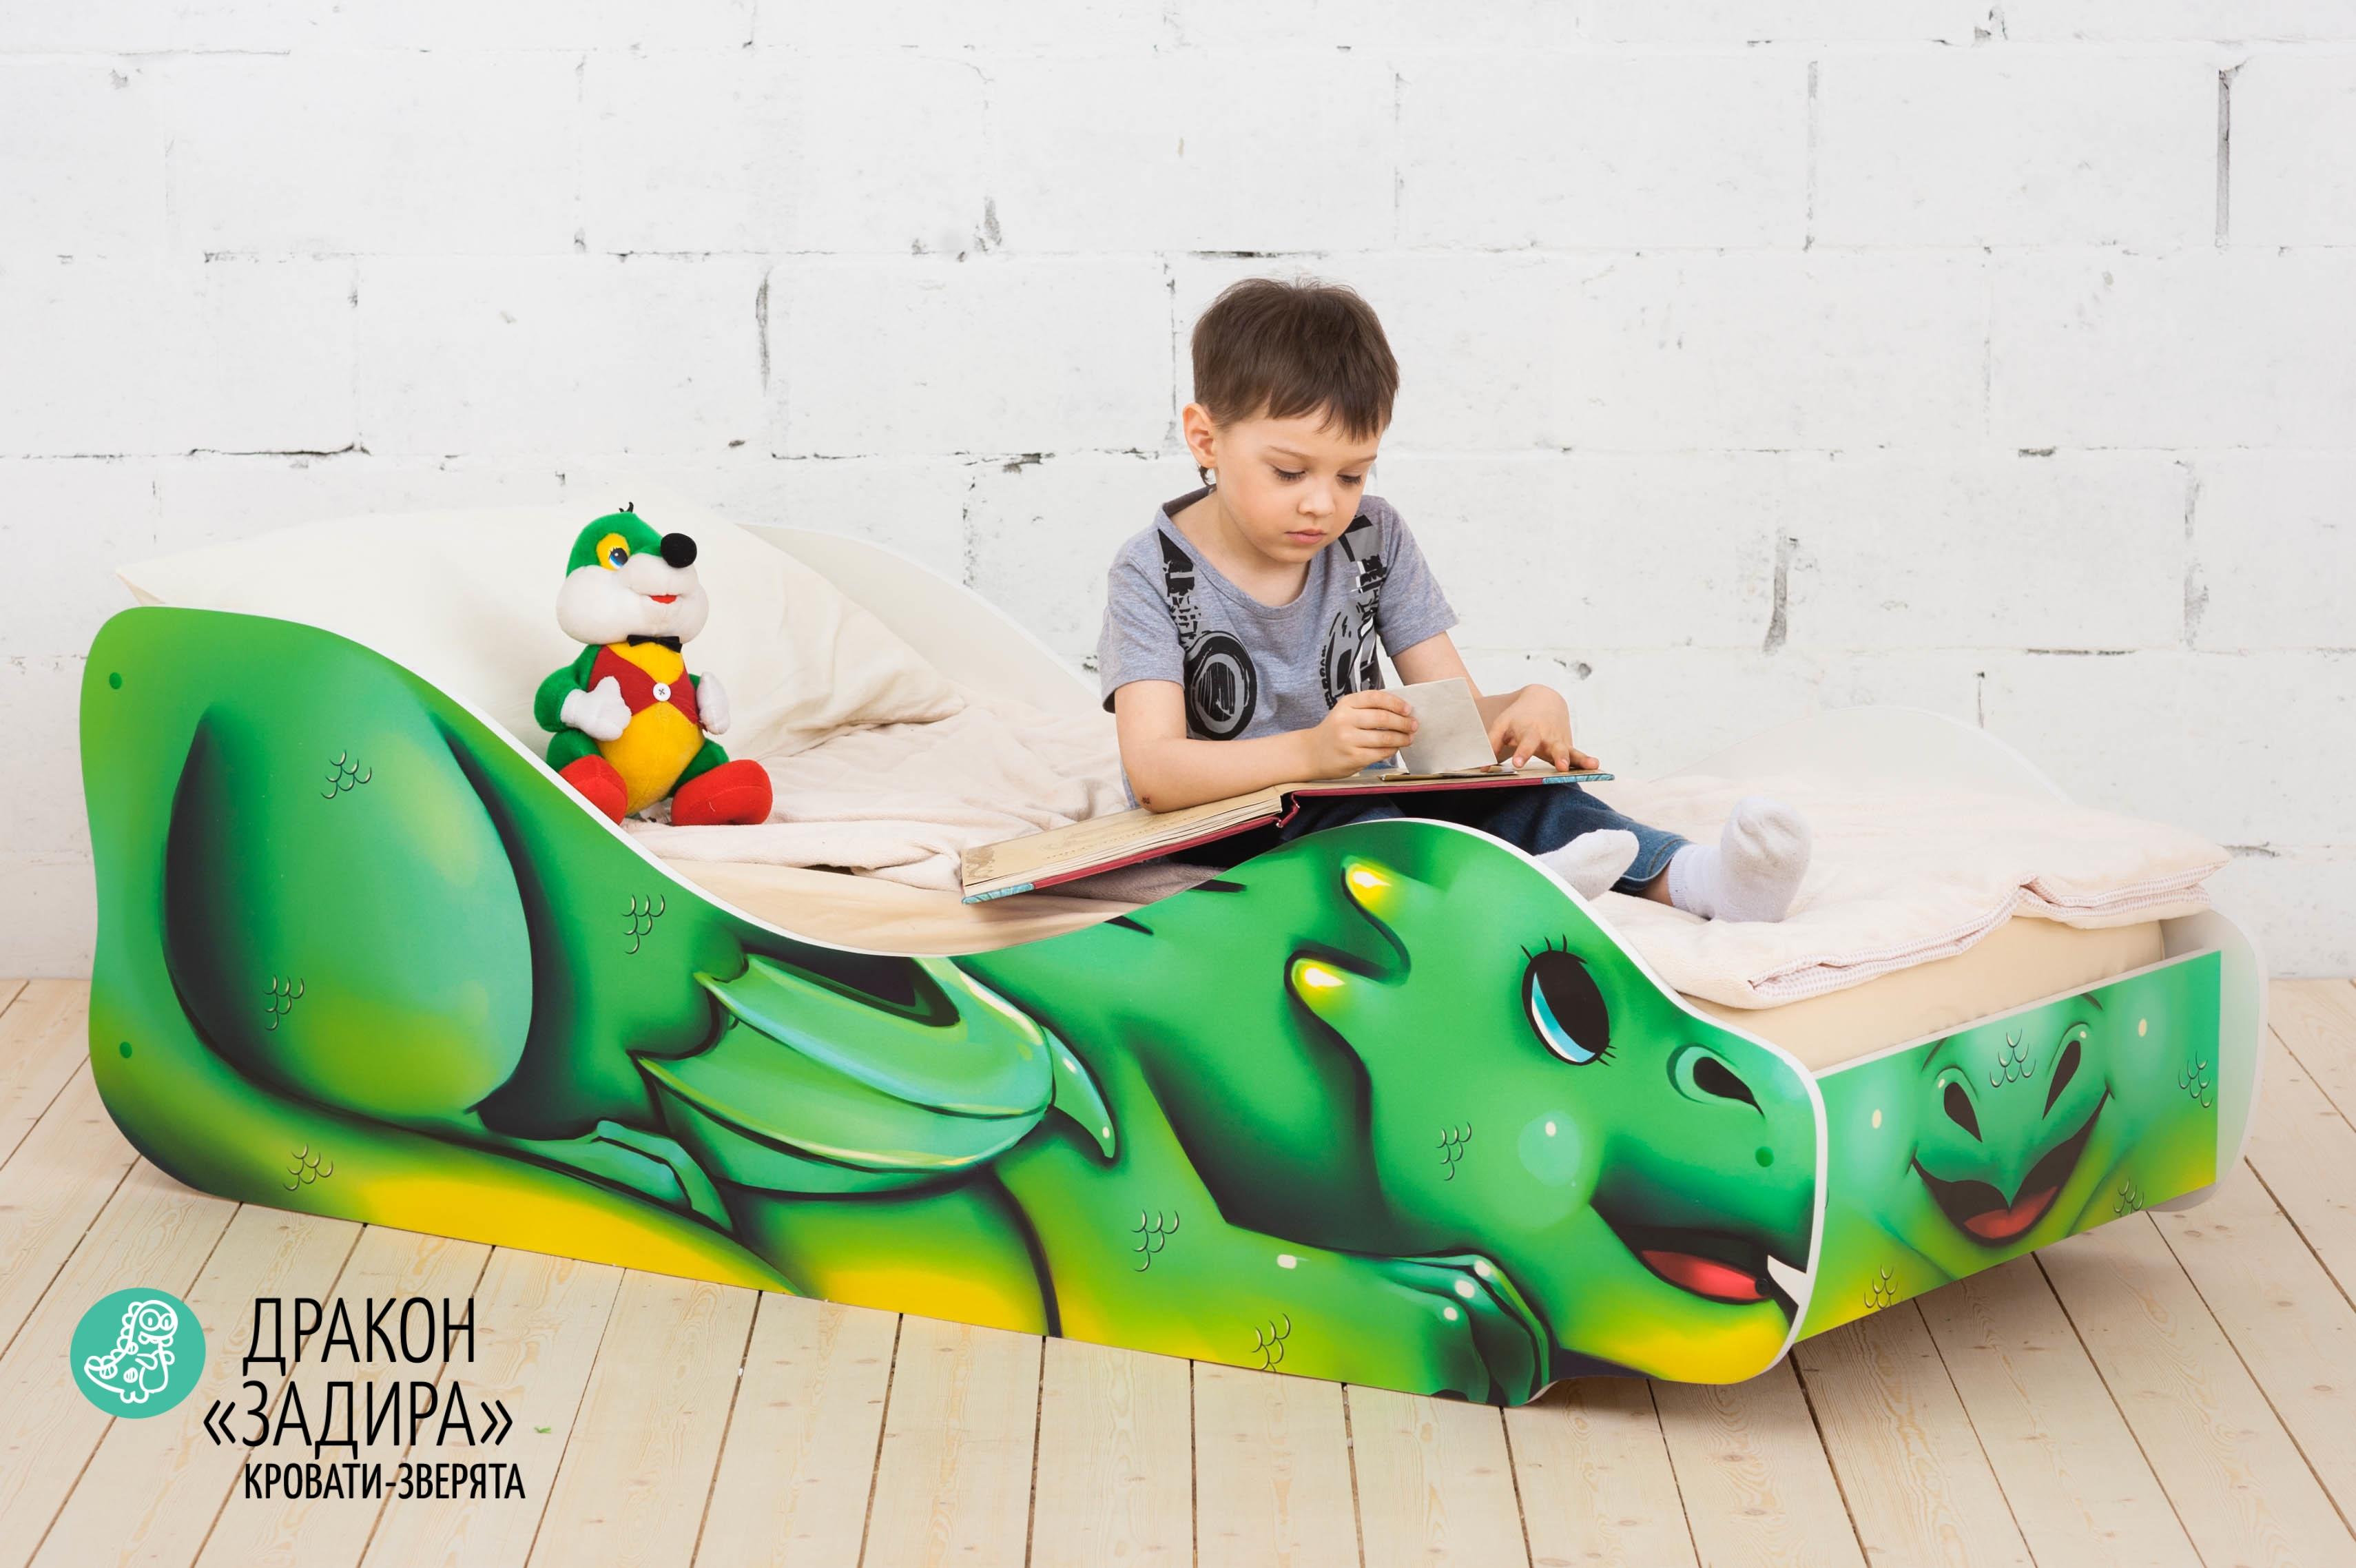 Детская кровать-зверенок -Дракон-Задира-10